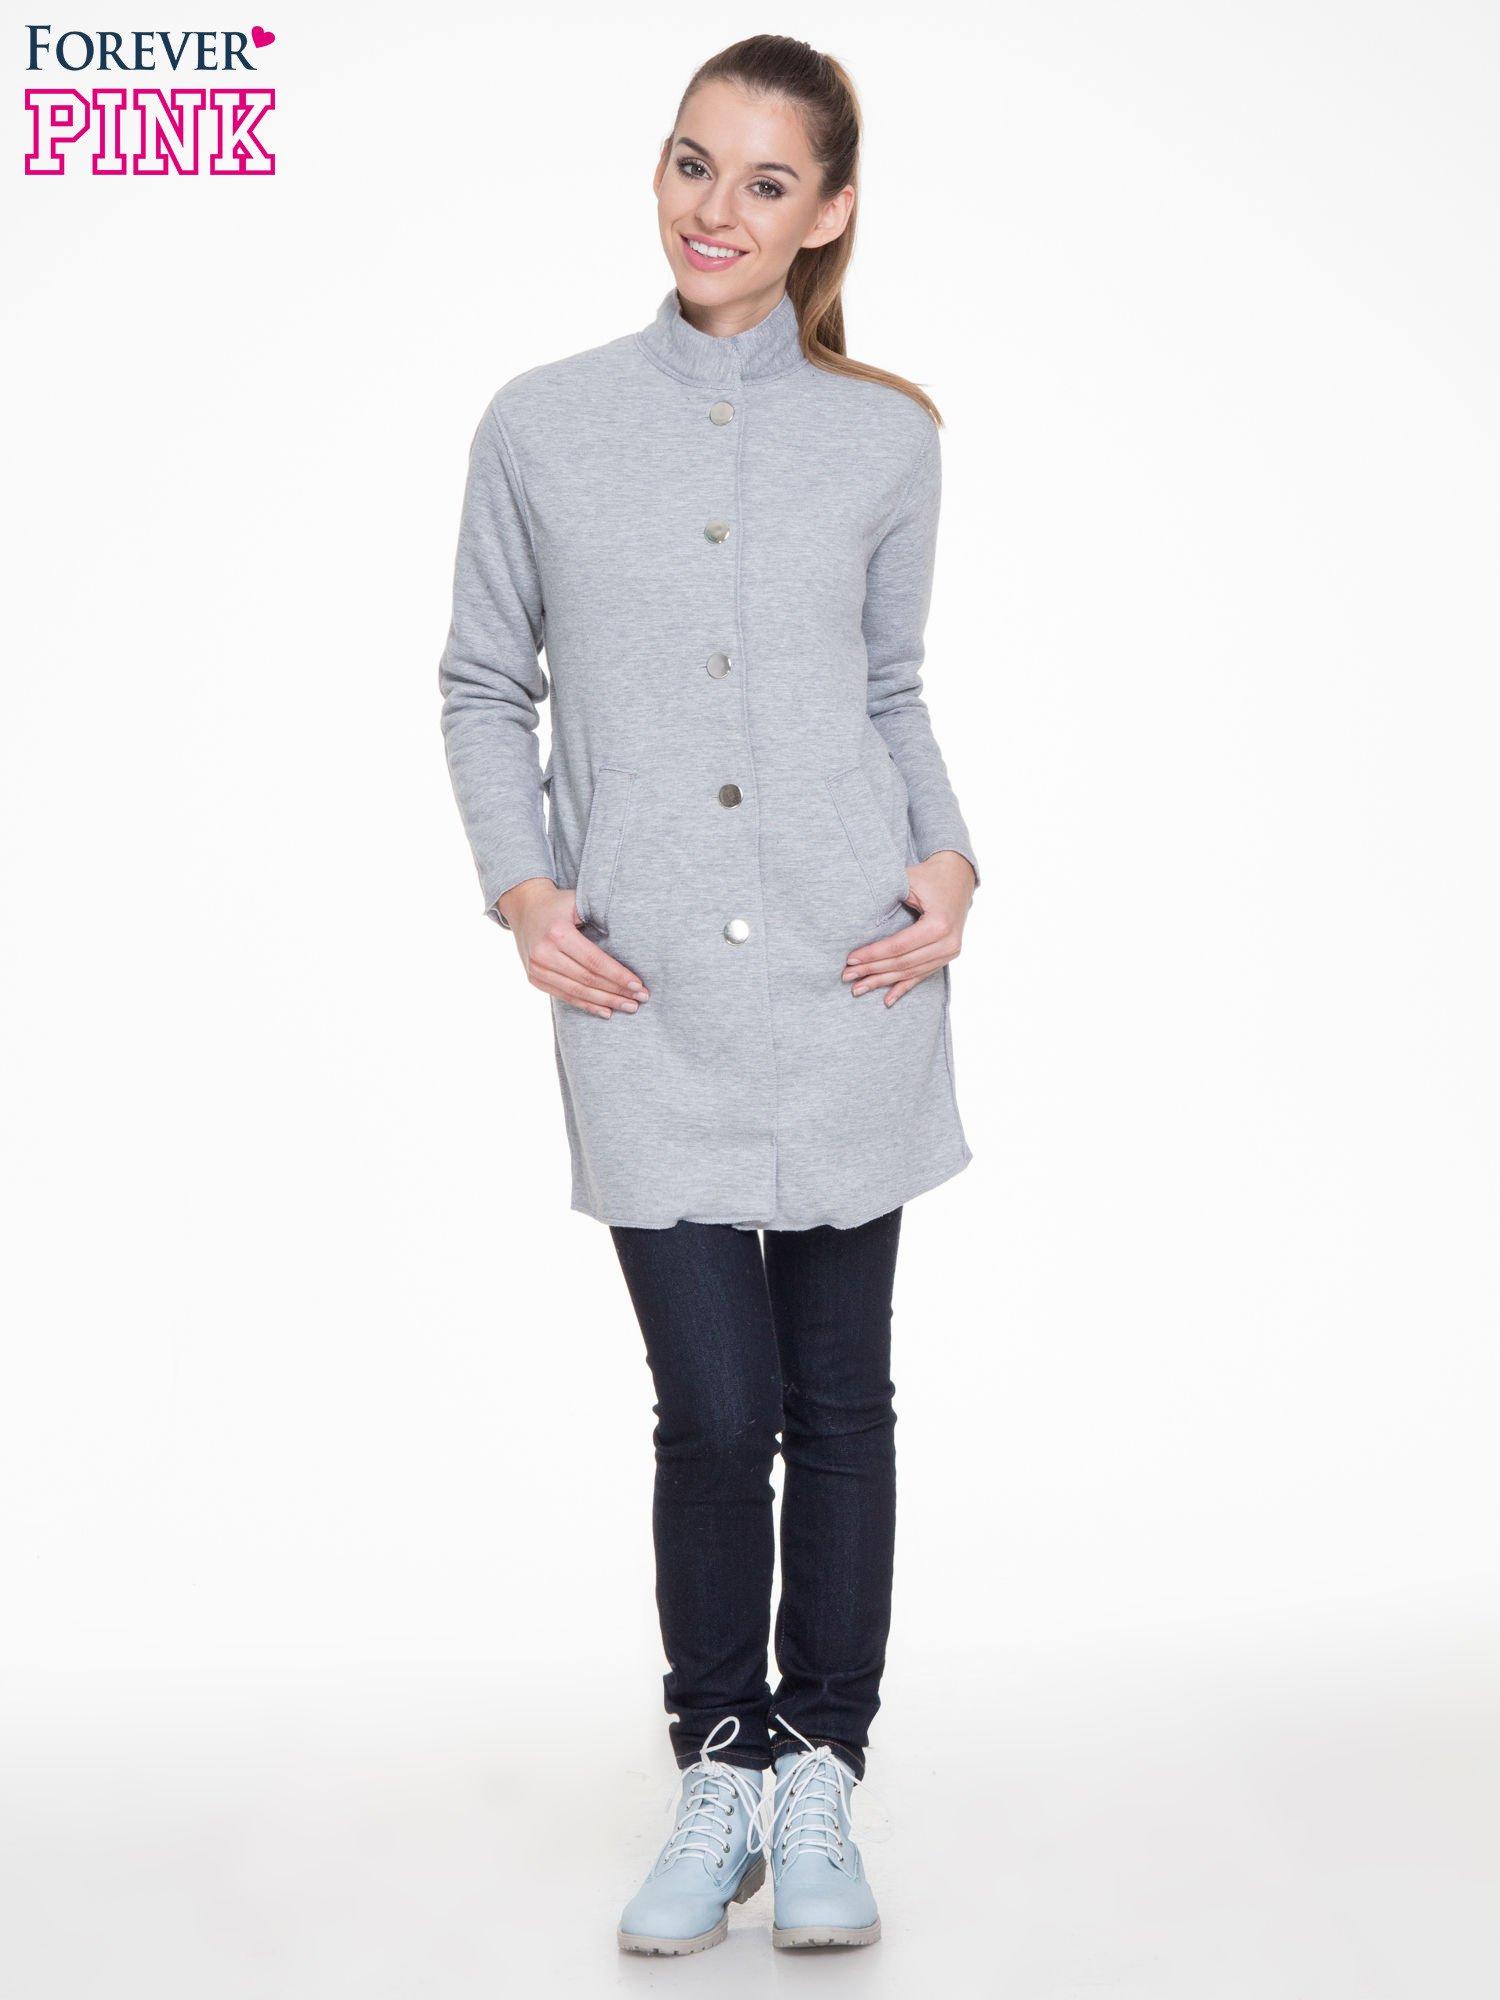 Szary dresowy płaszcz o kroju oversize                                  zdj.                                  2